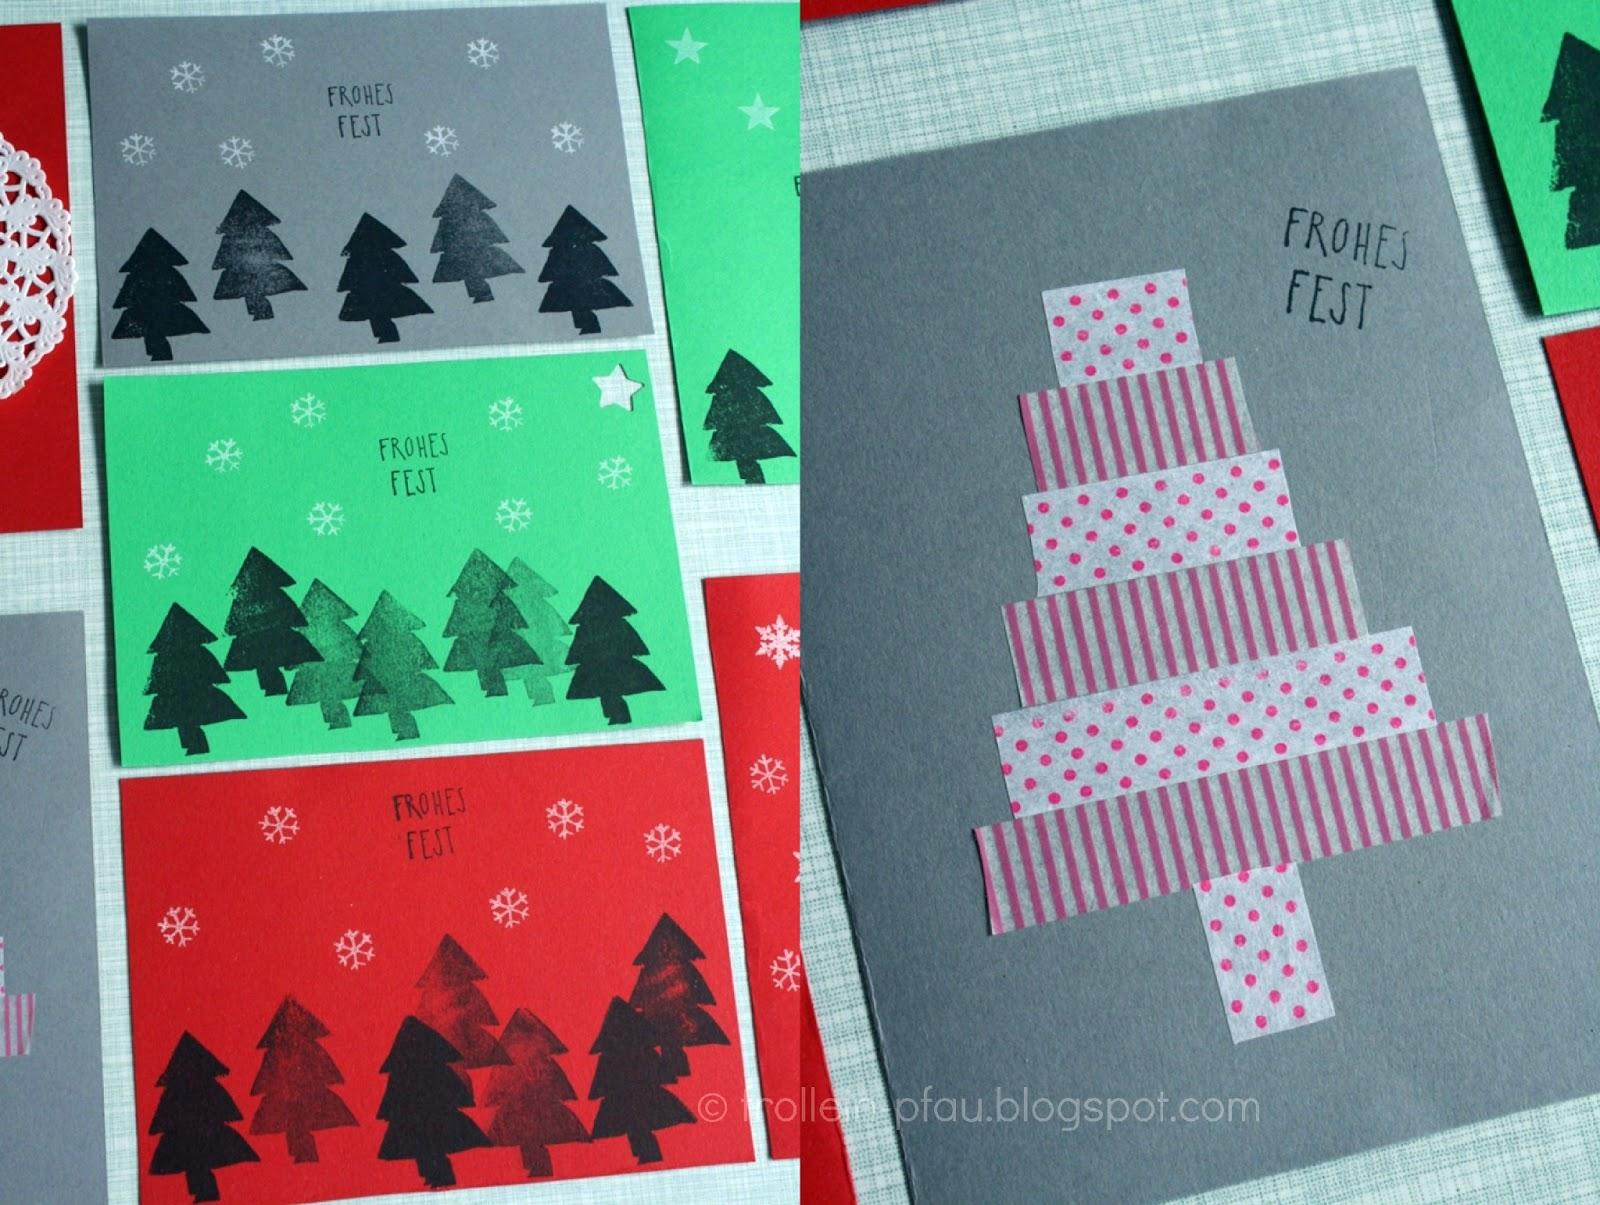 Frollein pfau weihnachtskarten selbstgemacht diy - Digitale weihnachtskarten ...